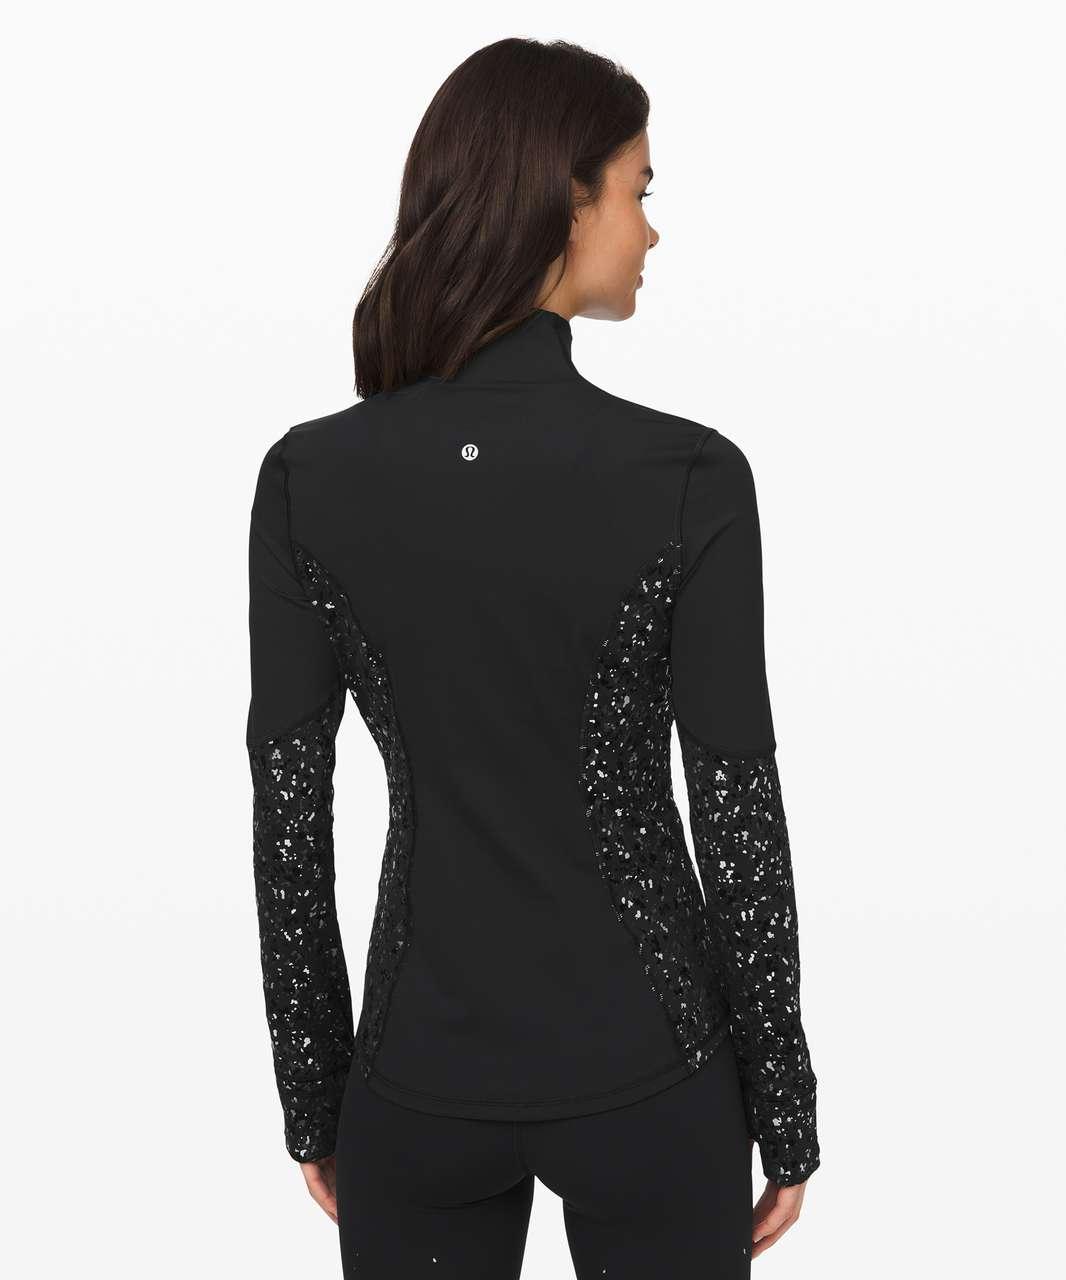 Lululemon Define Jacket *Speckle Shine - Black / Deep Coal / Silver